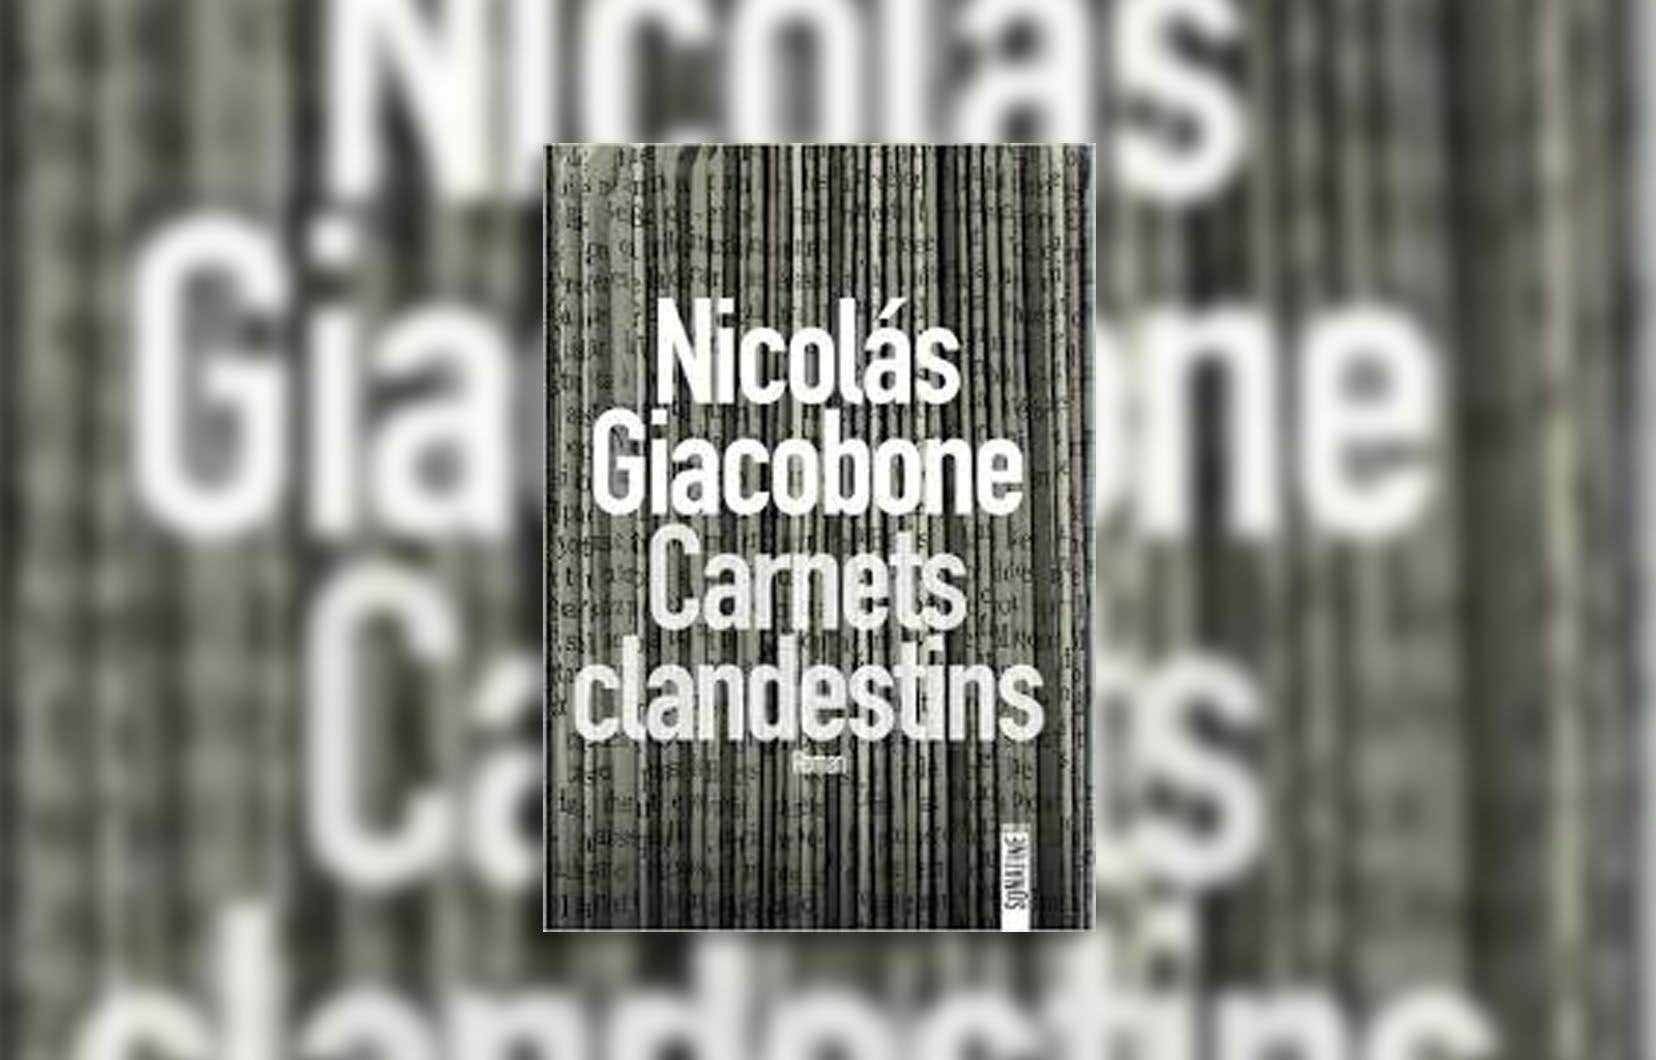 Les expériences professionnelles de Giacobone réussissent à enrichir le portrait acerbe et tortueux de la création et de ses innombrables obstacles.